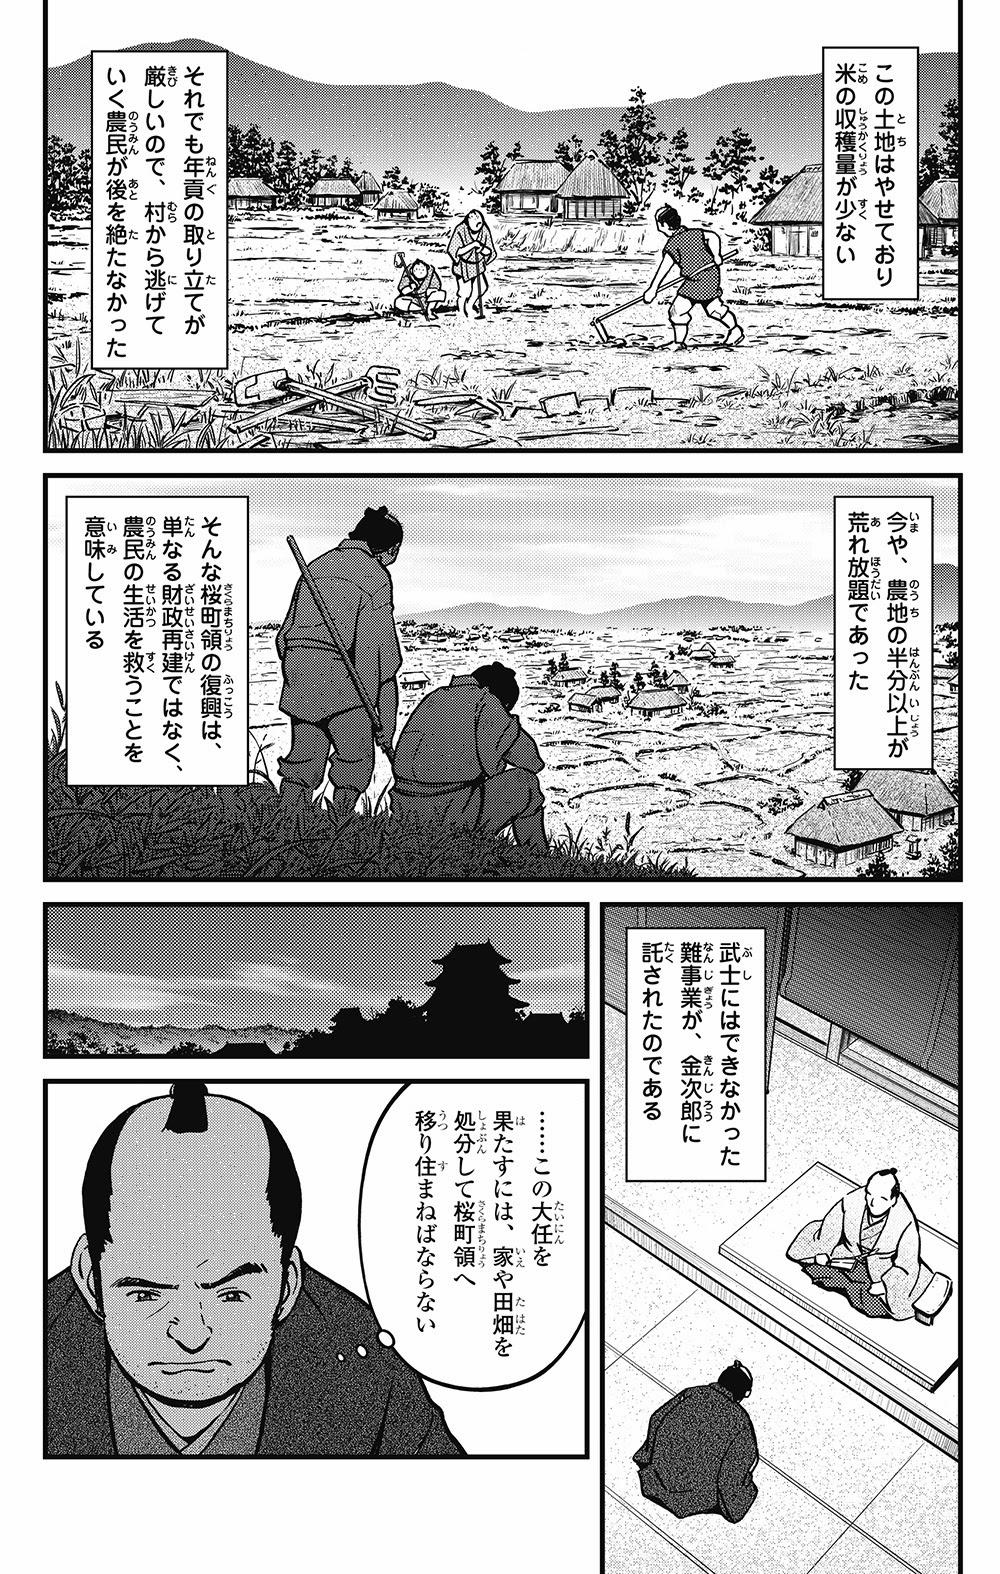 二宮尊徳 漫画